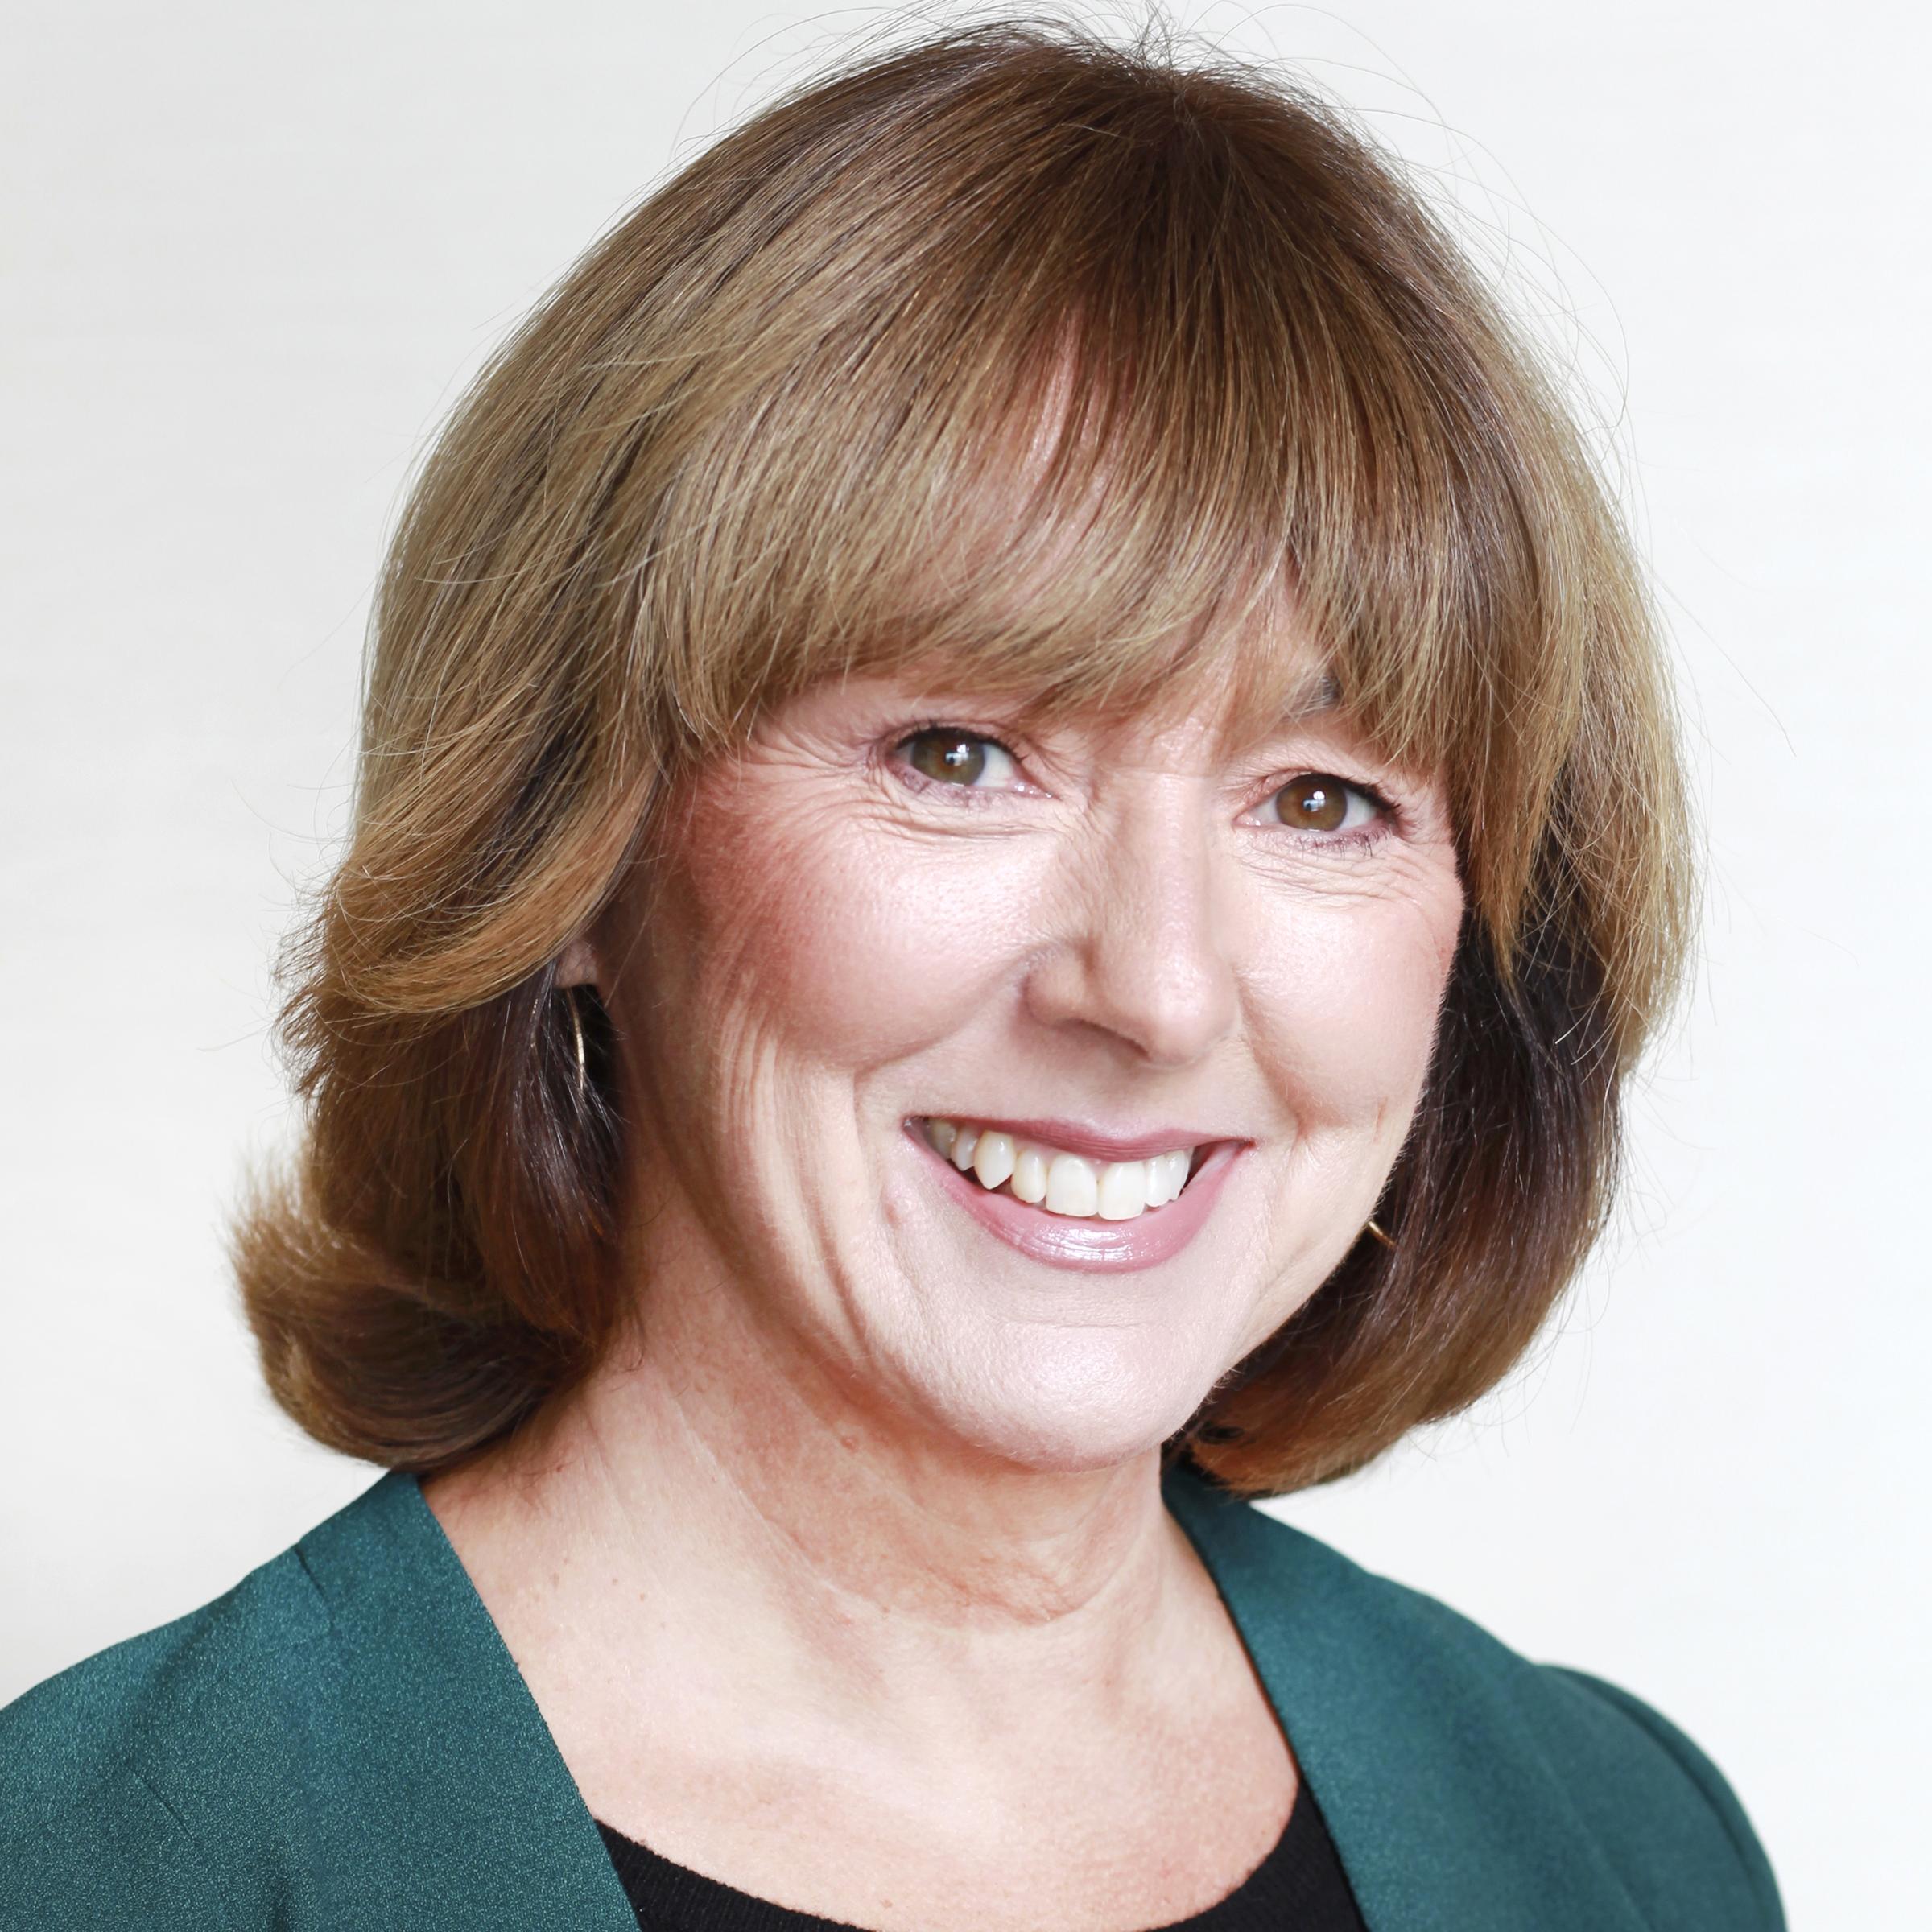 Deanna Oppenheimer - Founder of CameoWorks